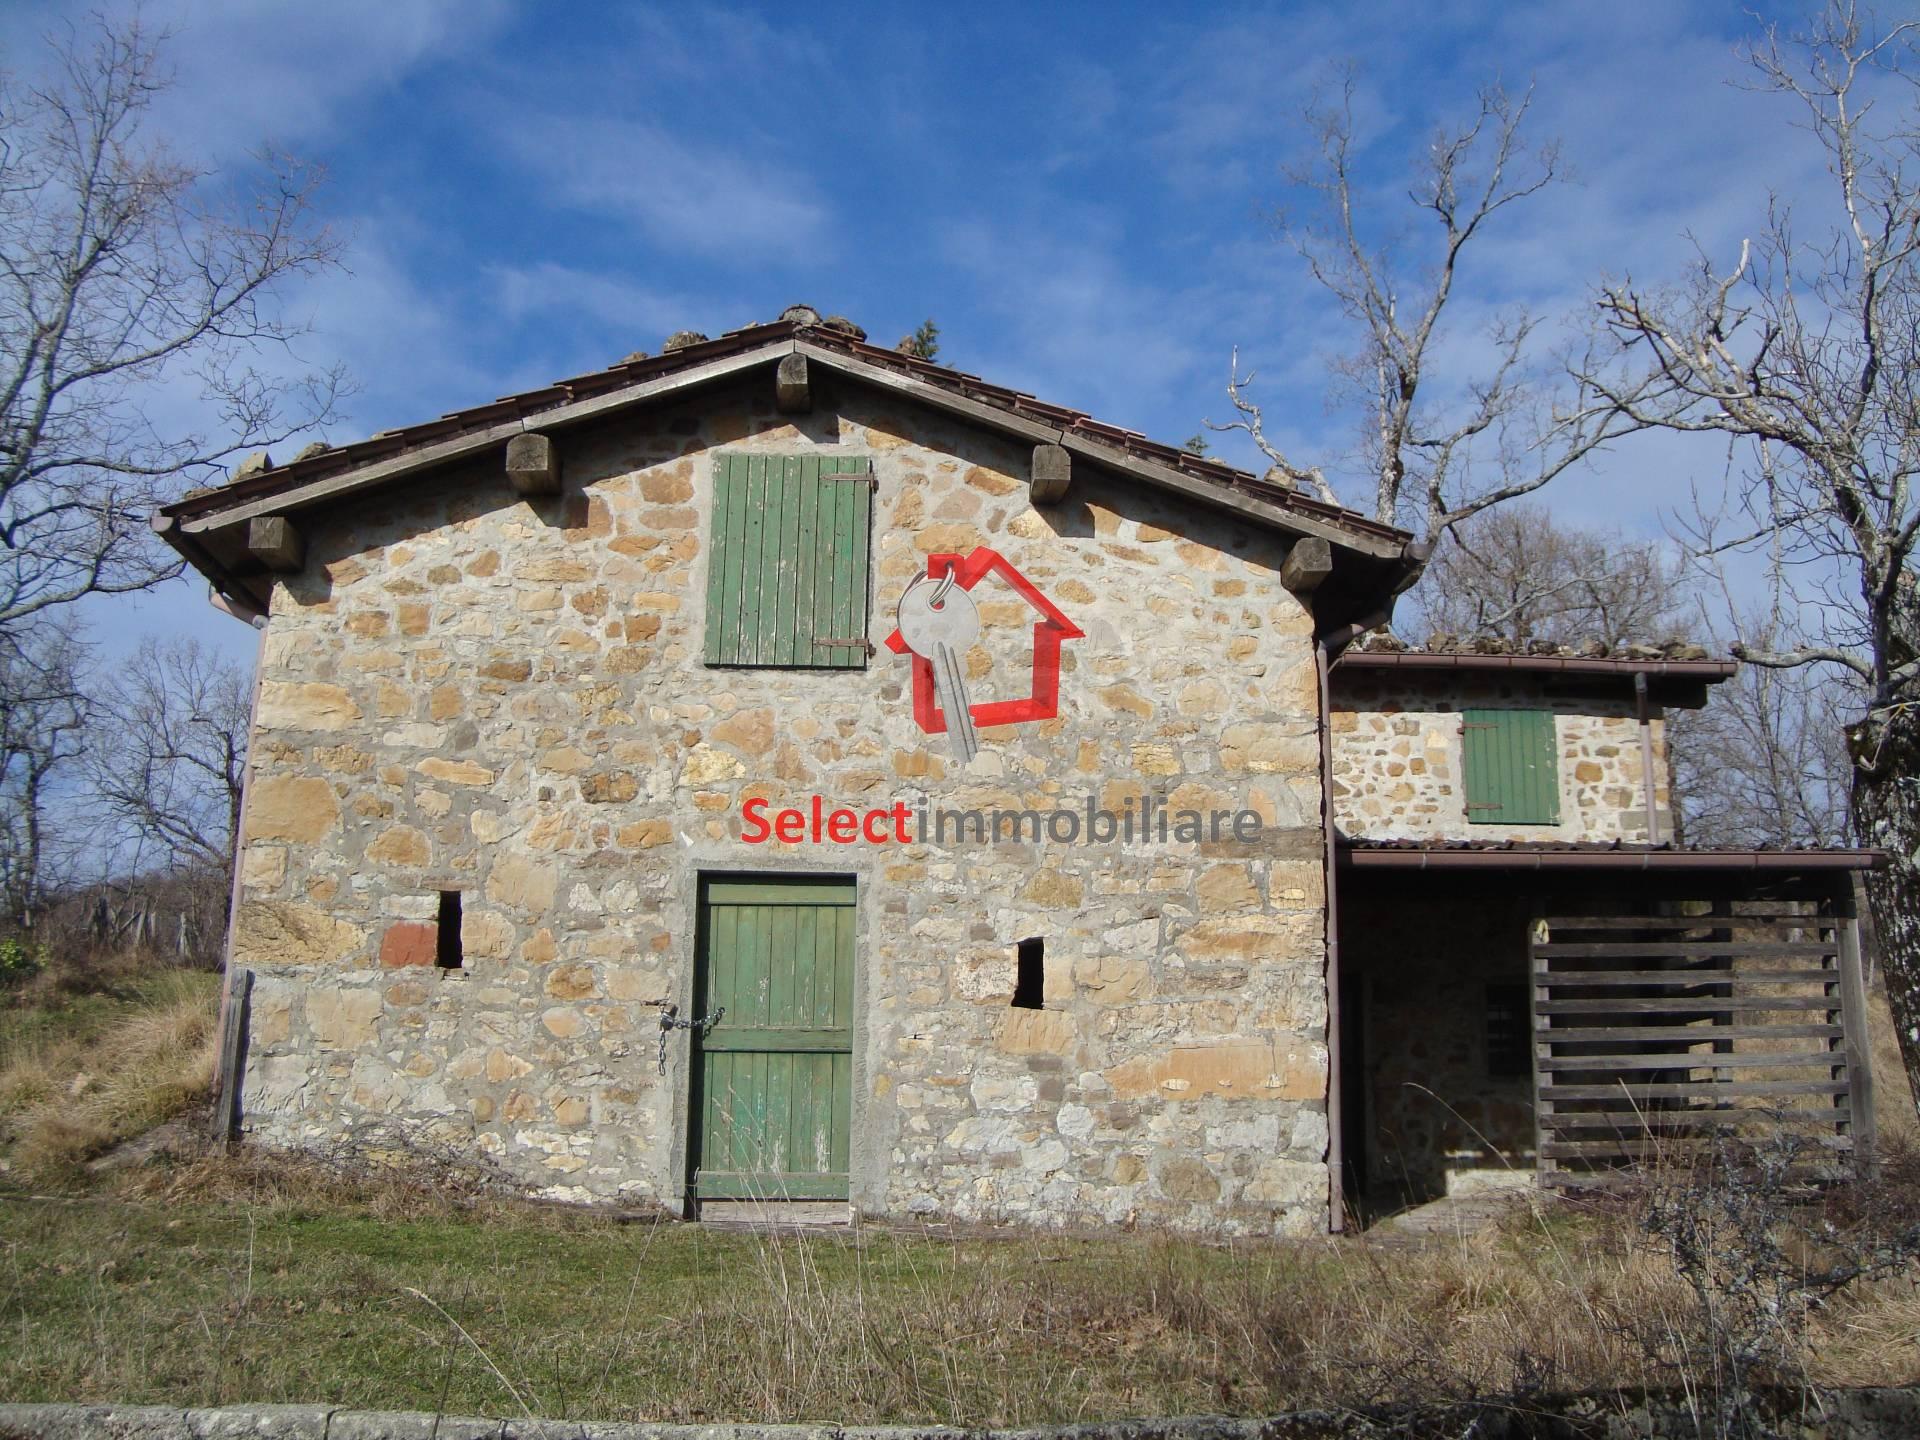 Rustico / Casale in vendita a Bagni di Lucca, 4 locali, prezzo € 40.000 | CambioCasa.it